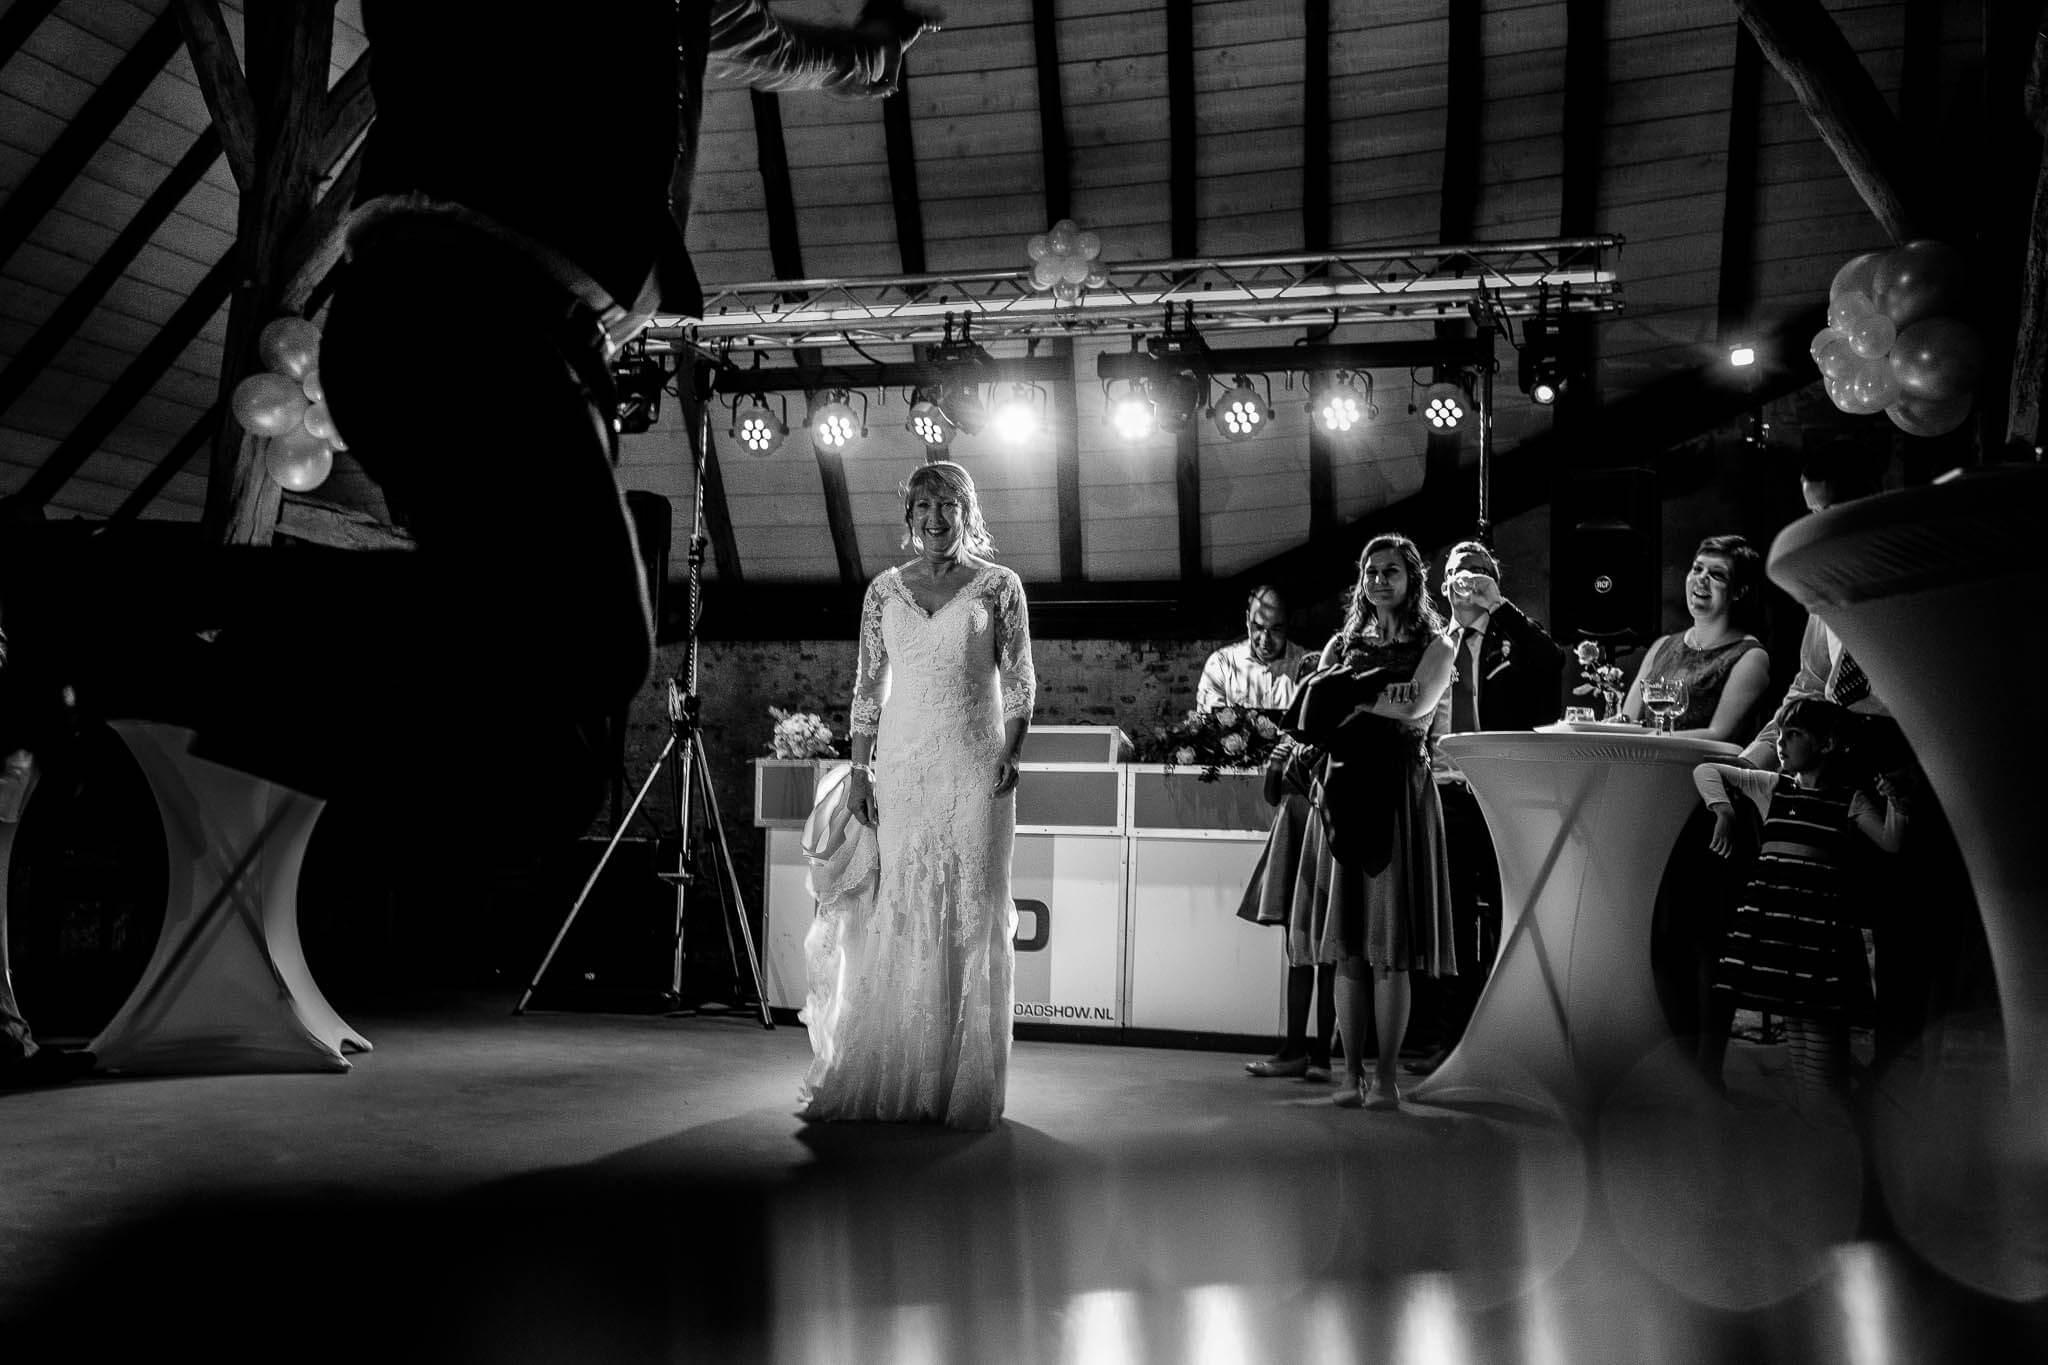 sprong openingsdans bruidspaar feest